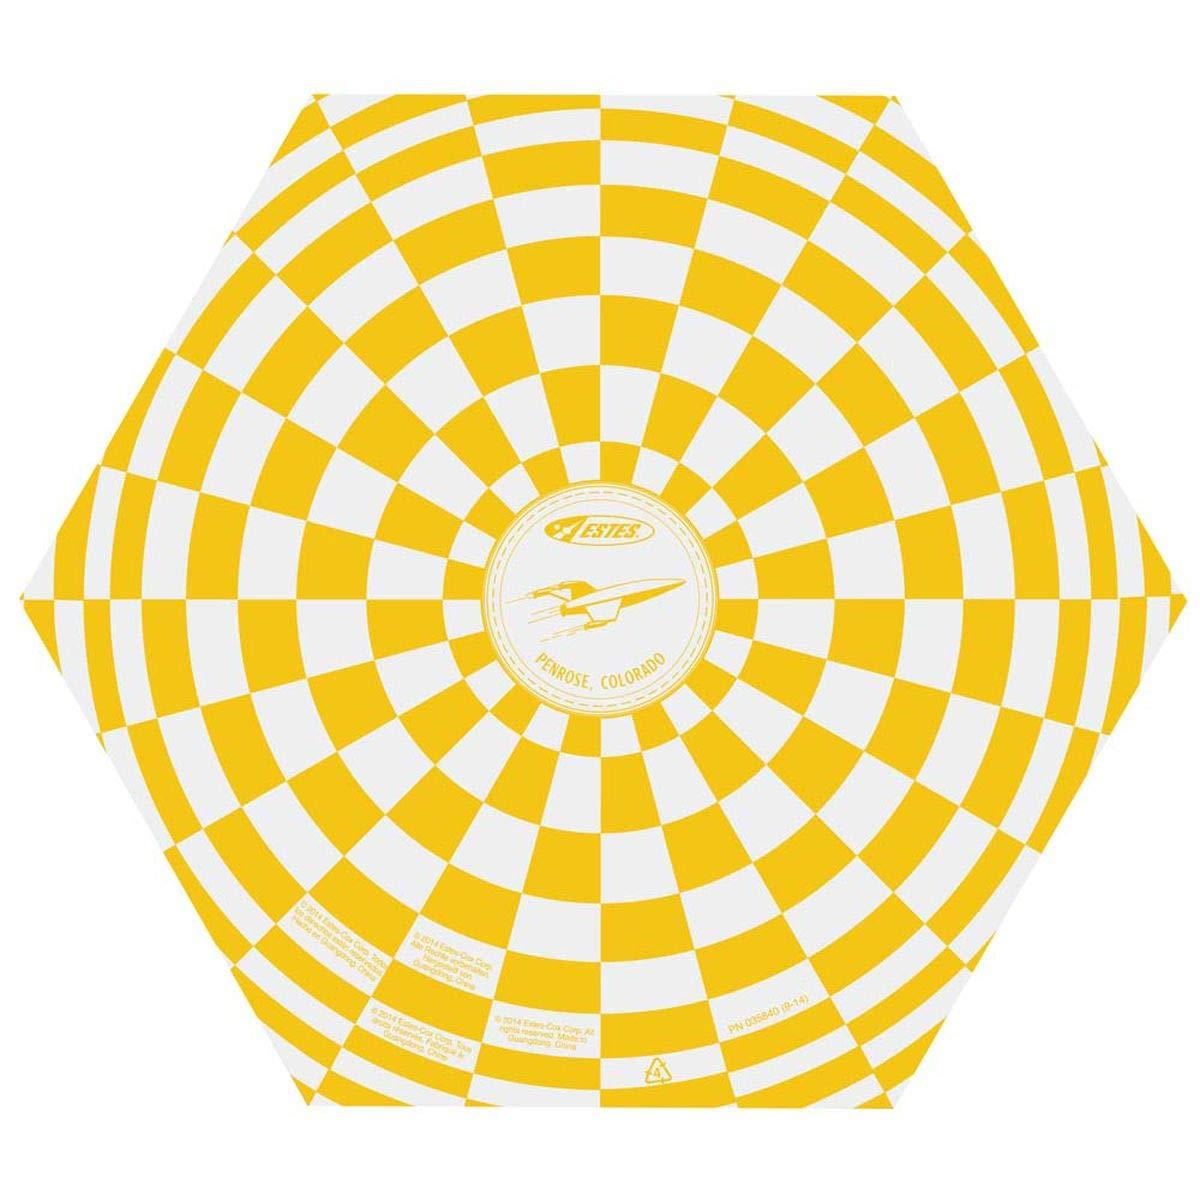 Estes 2268 9-Inch Printed Parachute